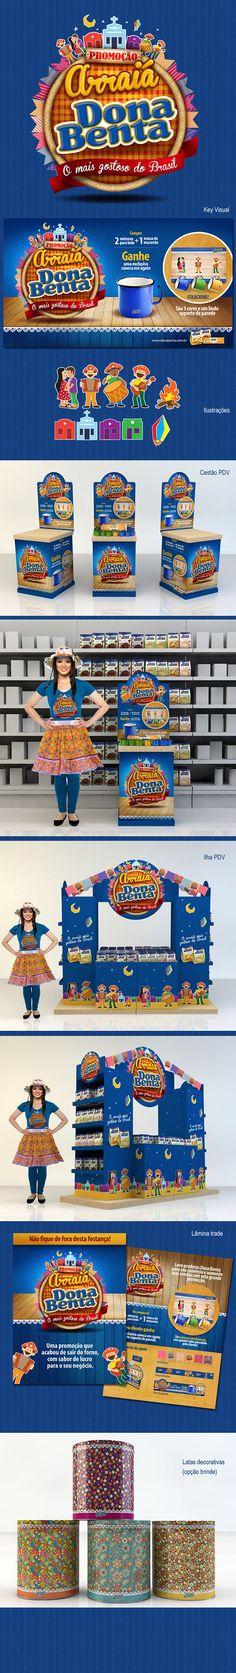 Conceito visual e materiais de PDV para compre e ganhe durante as festas juninas.